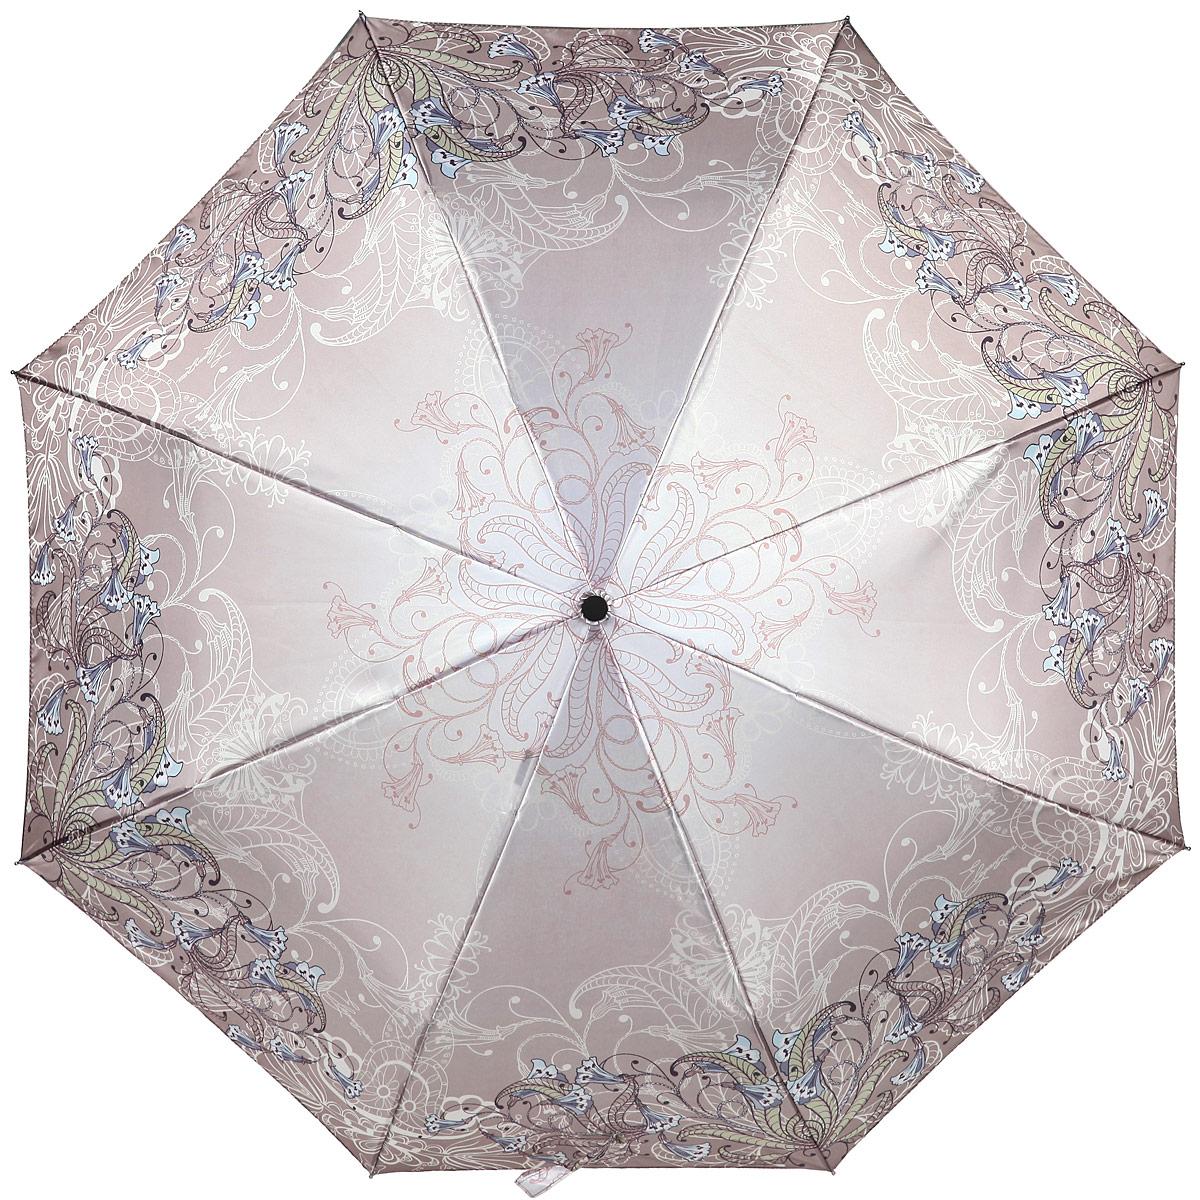 Зонт женский Eleganzza, автомат, 3 сложения, цвет: серо-коричневый. A3-05-0289LSA3-05-0289LSЯркий зонт Eleganzza оформлен цветочным принтом. Каркас зонта изготовлен из алюминия и фибергласса, содержит восемь спиц, а также дополнен эргономичной рукояткой из пластика. Купол выполнен из полиэстера с водоотталкивающей пропиткой. Зонт имеет автоматический механизм сложения: купол открывается и закрывается нажатием кнопки на рукоятке, стержень складывается вручную до характерного щелчка, благодаря чему открыть и закрыть зонт можно одной рукой, что чрезвычайно удобно при входе в транспорт или помещение. Рукоятка дополнена удобной петлей. К зонту прилагается чехол. Практичный аксессуар даже в ненастную погоду позволит вам оставаться стильной и элегантной.